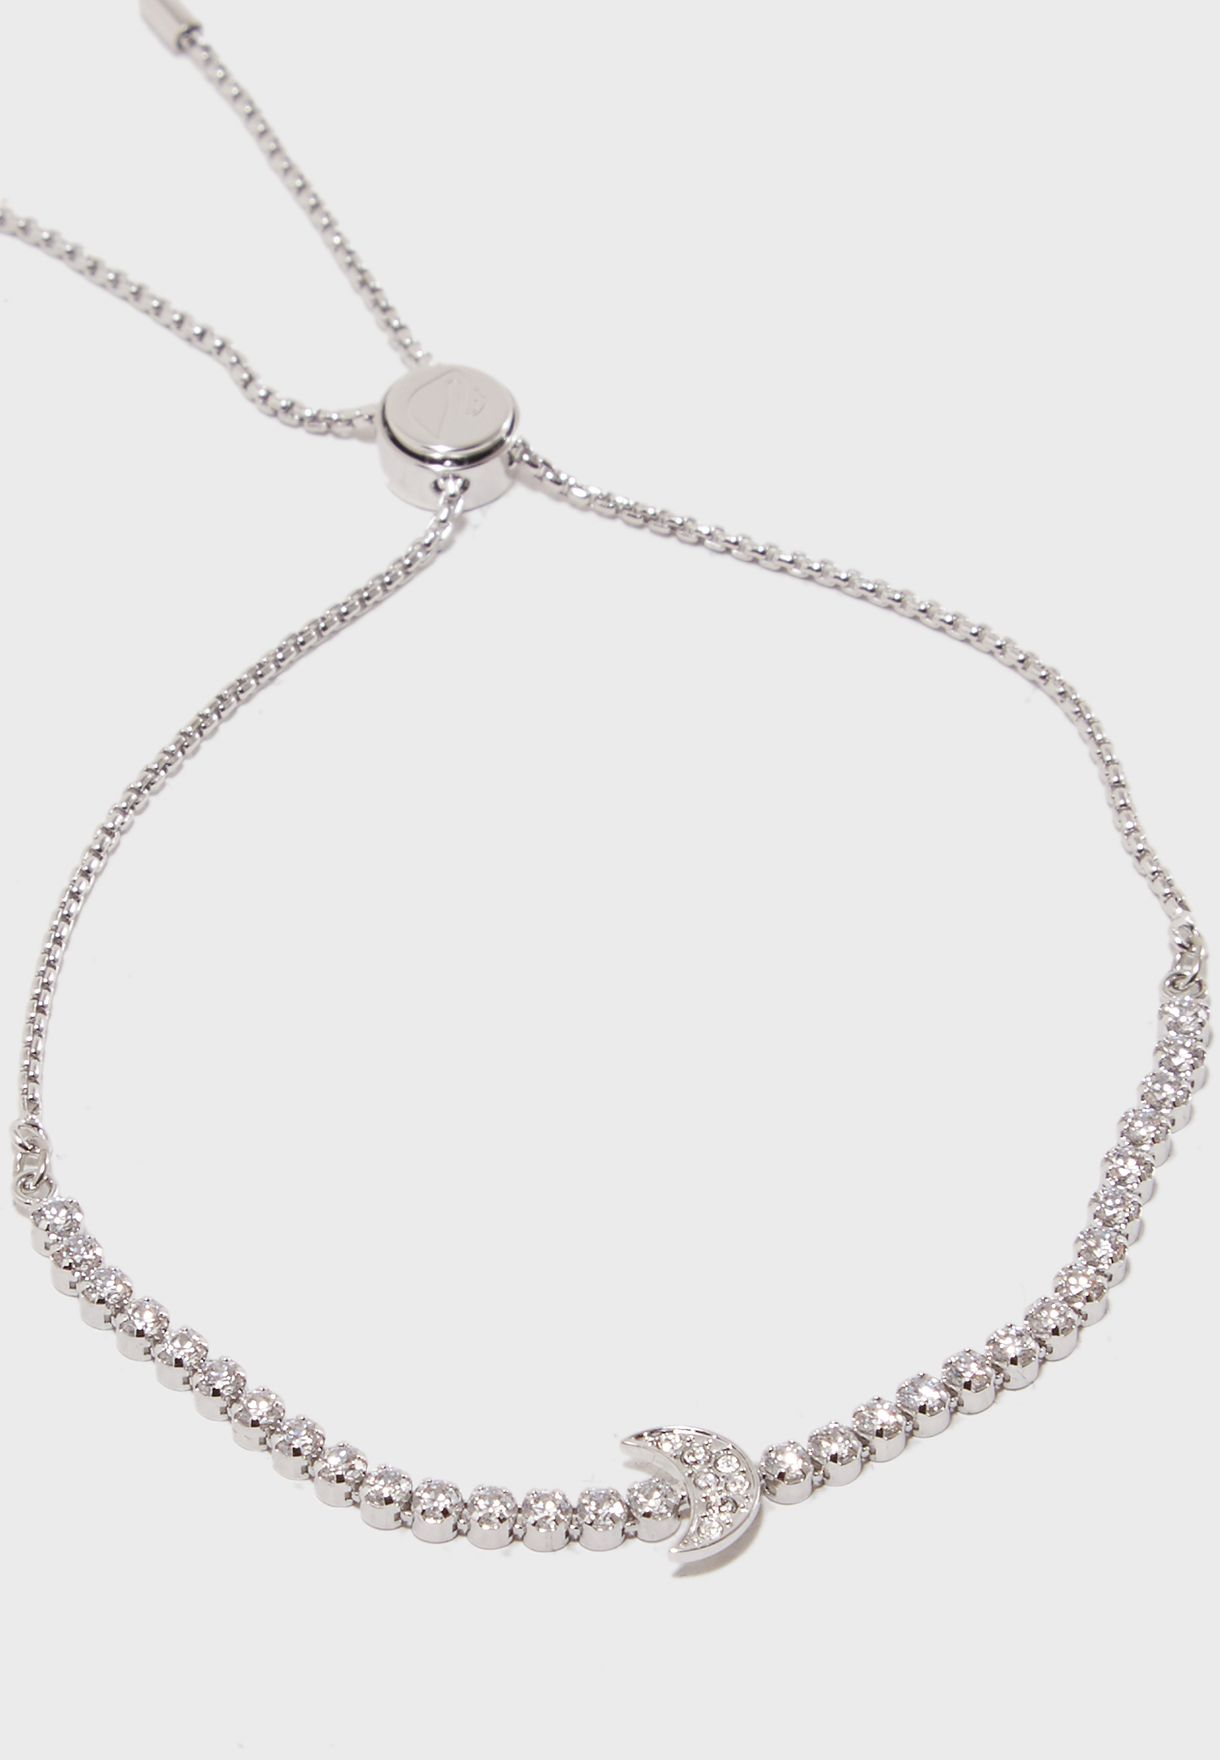 6f4a3228e6dc4 Subtle Moon Bracelet